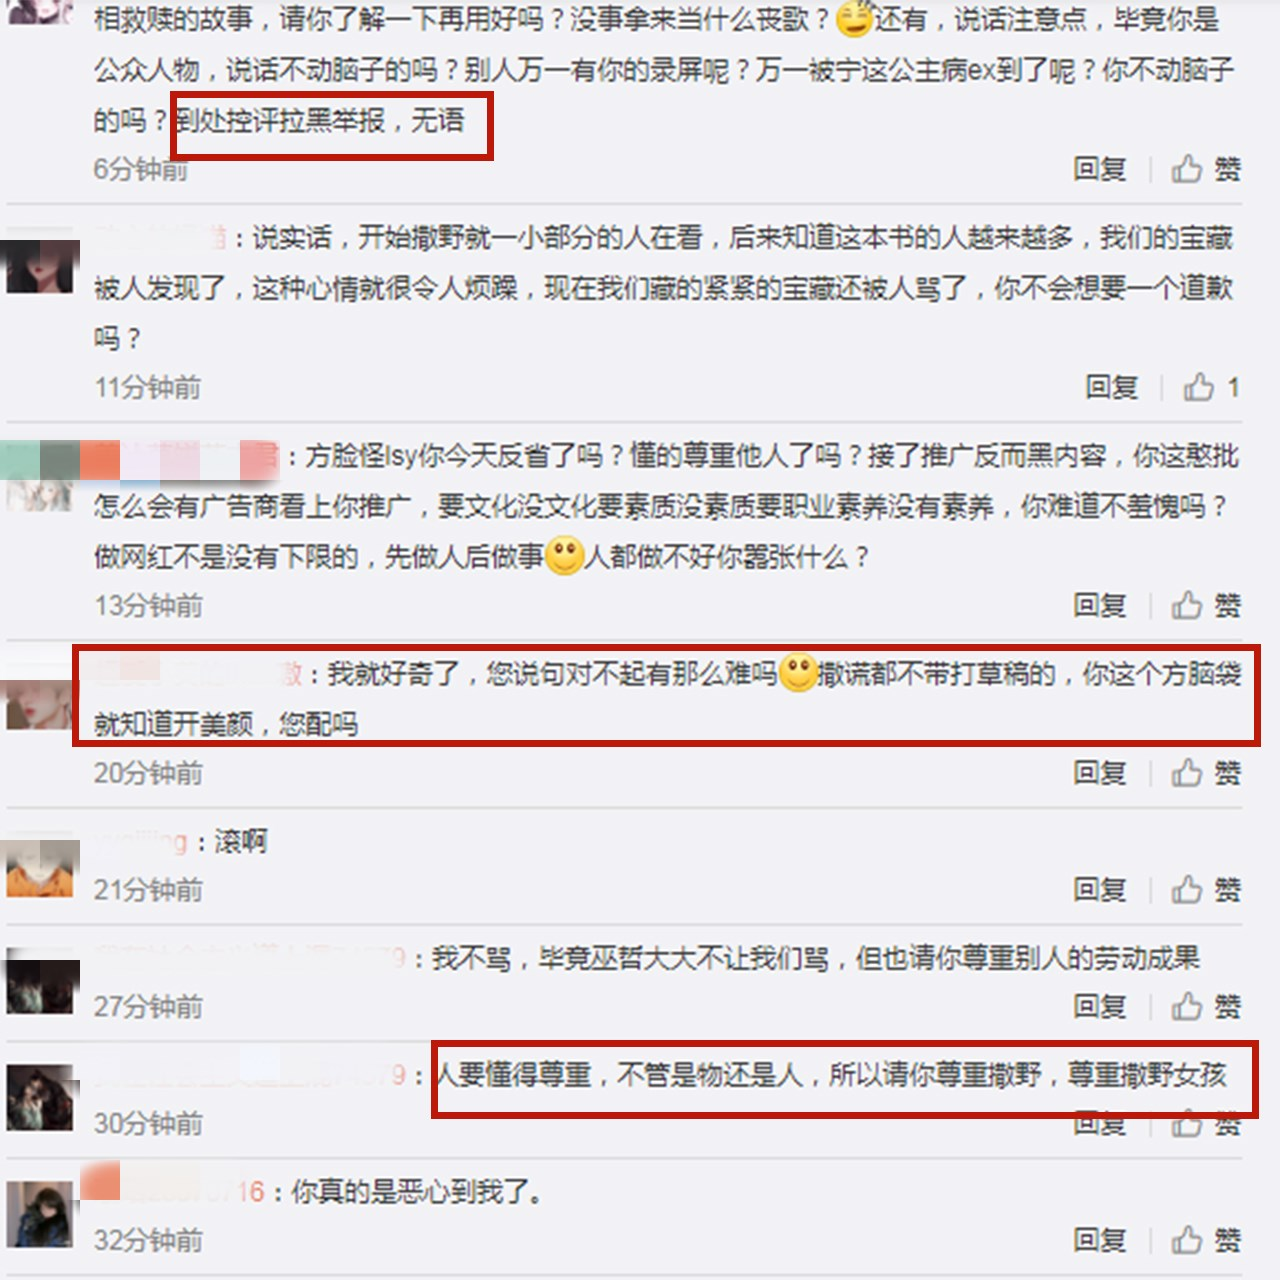 劉思瑤從千萬女網紅,到人人喊打過街老鼠,至今不敢露面,網友:現實版林有有